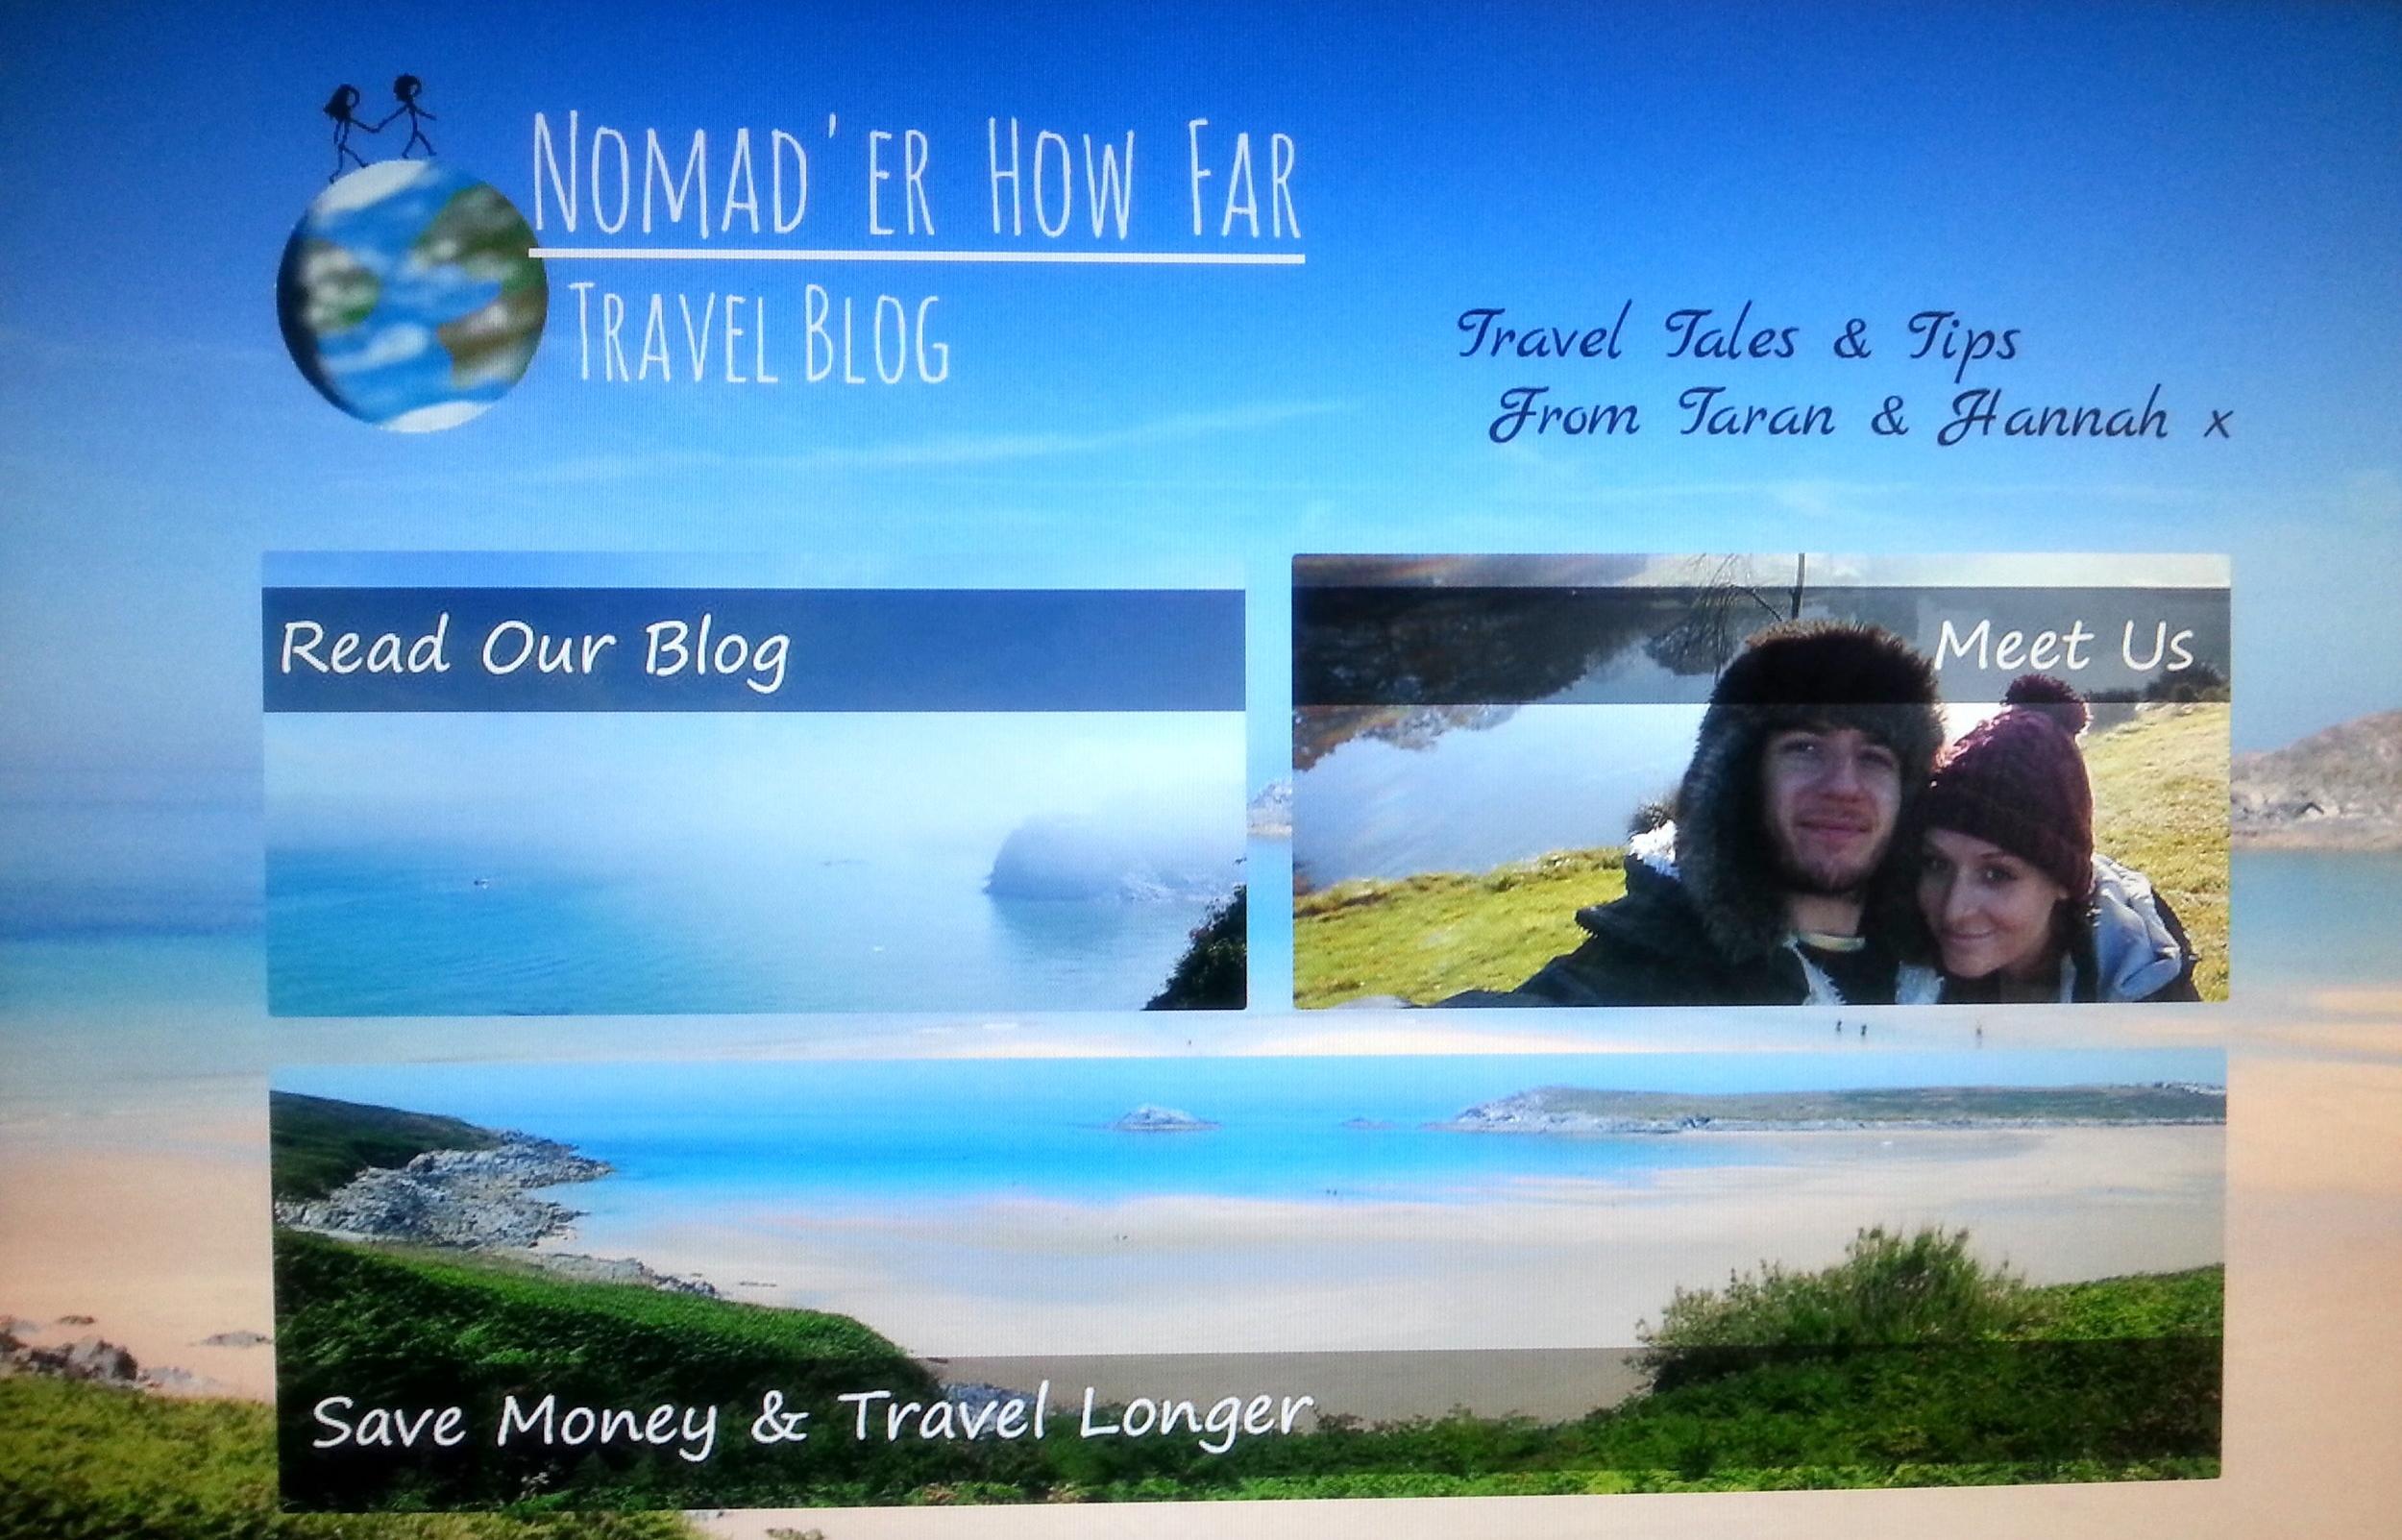 nomader how far old